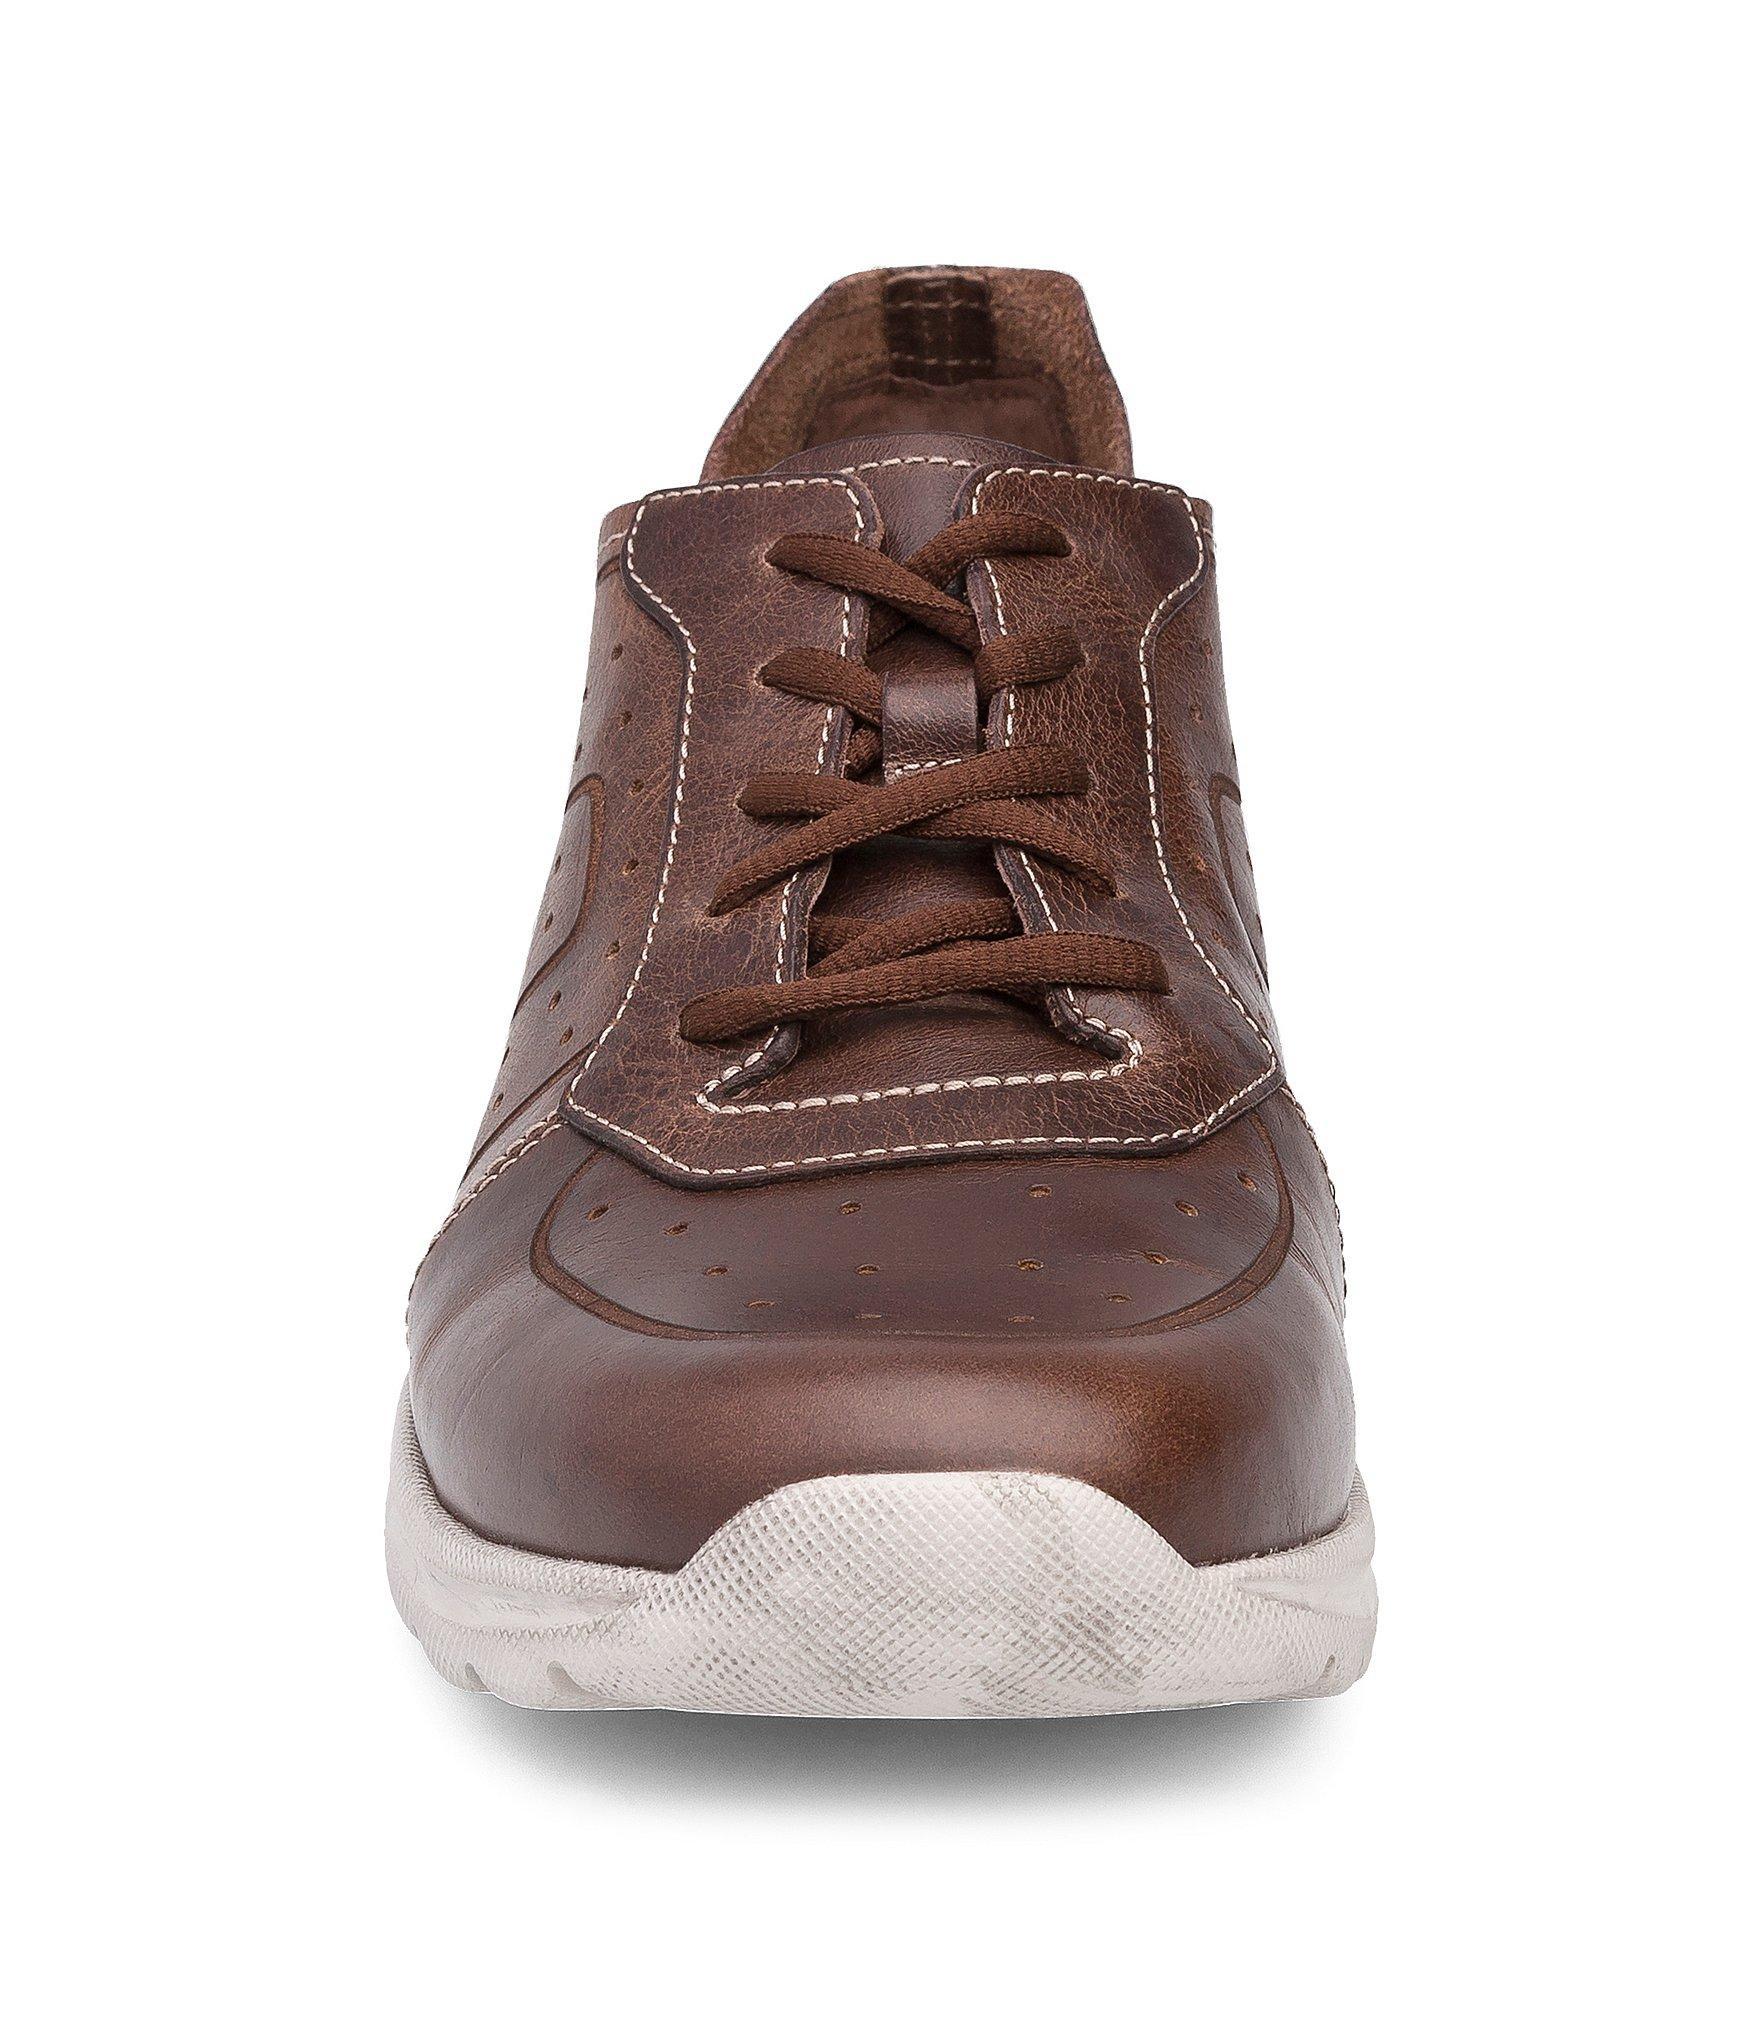 Dansko Men/'s Wesley Fashion Sneaker